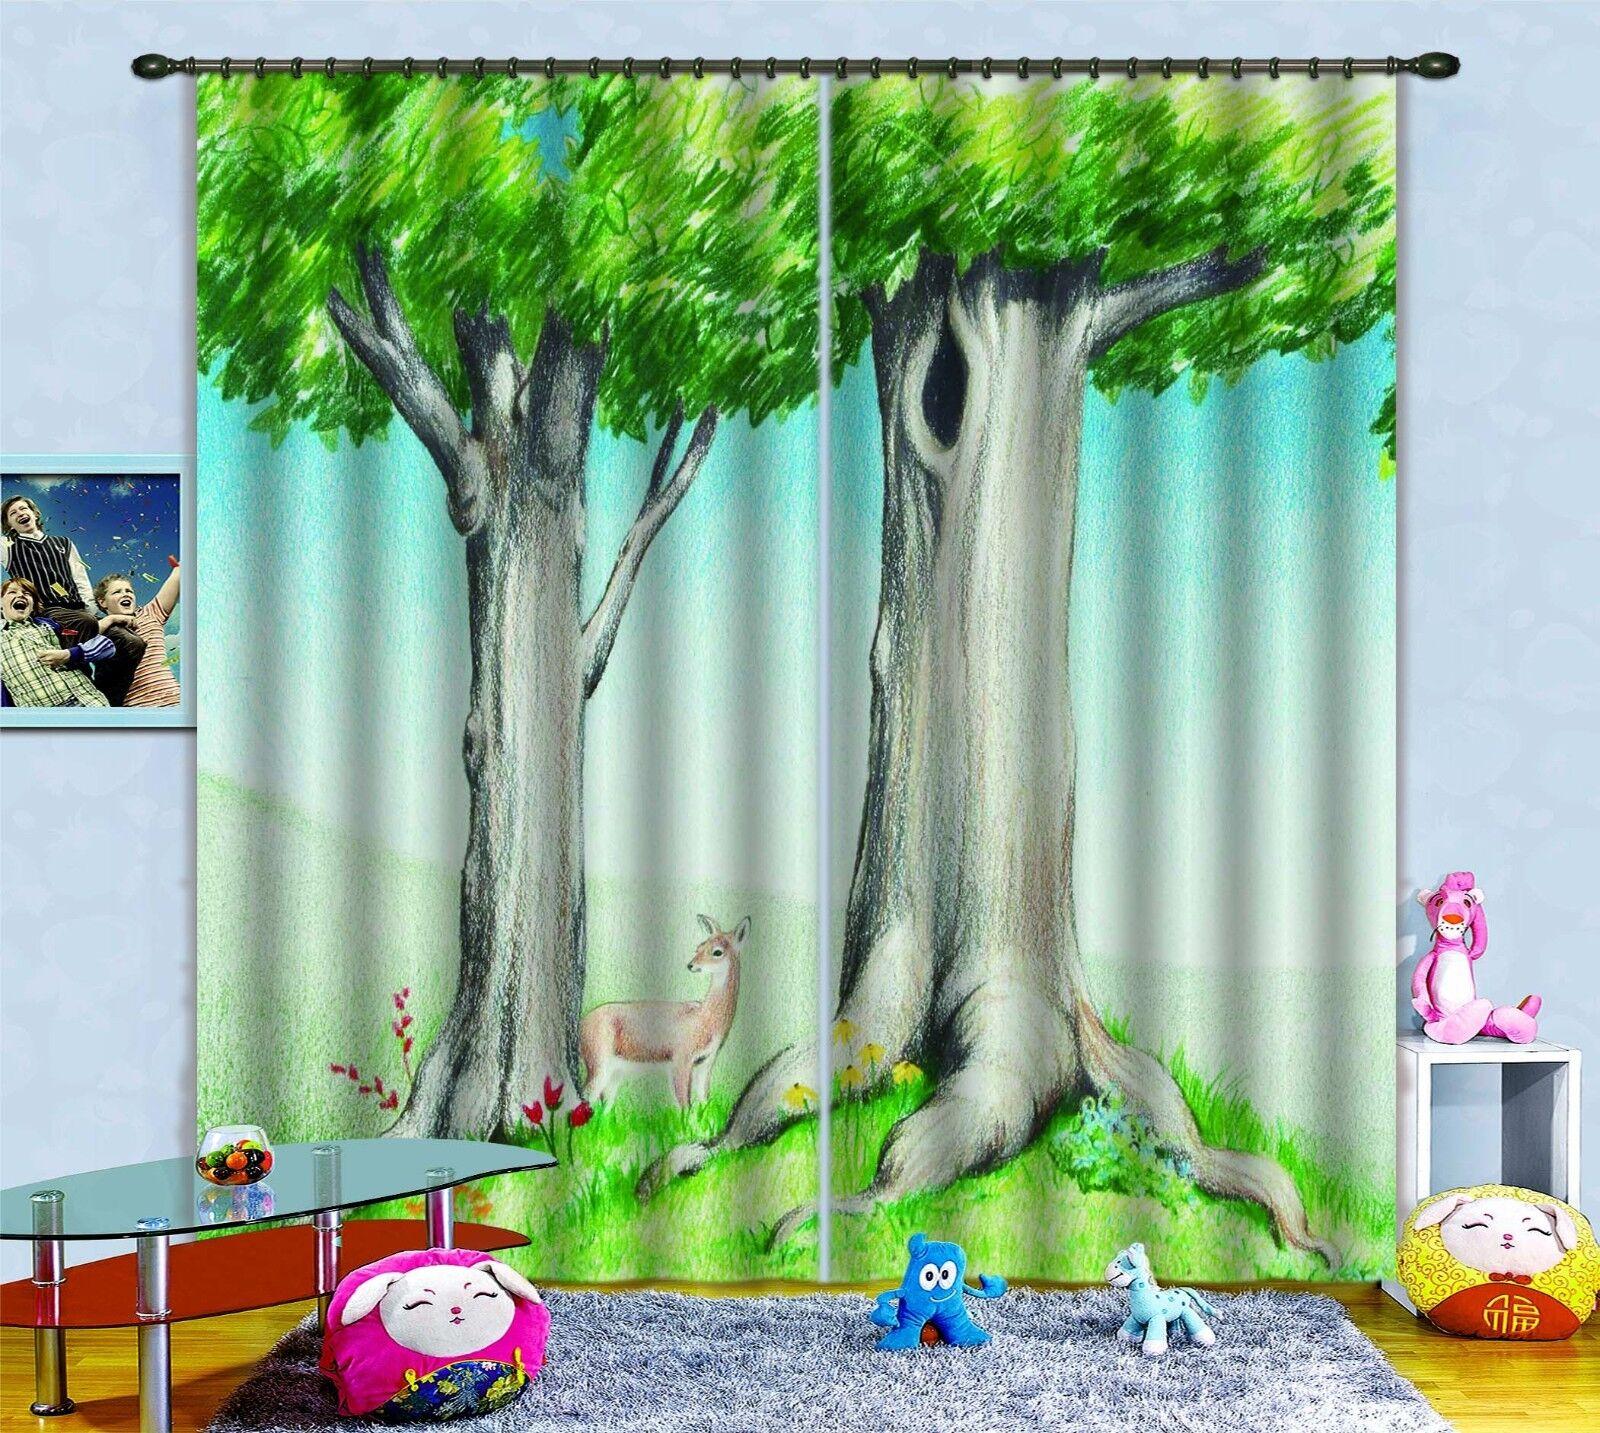 3D árbol de lápices de Colors 052 Cortinas de impresión de Cortina Blockout Foto Tela Cortinas Ventana Reino Unido